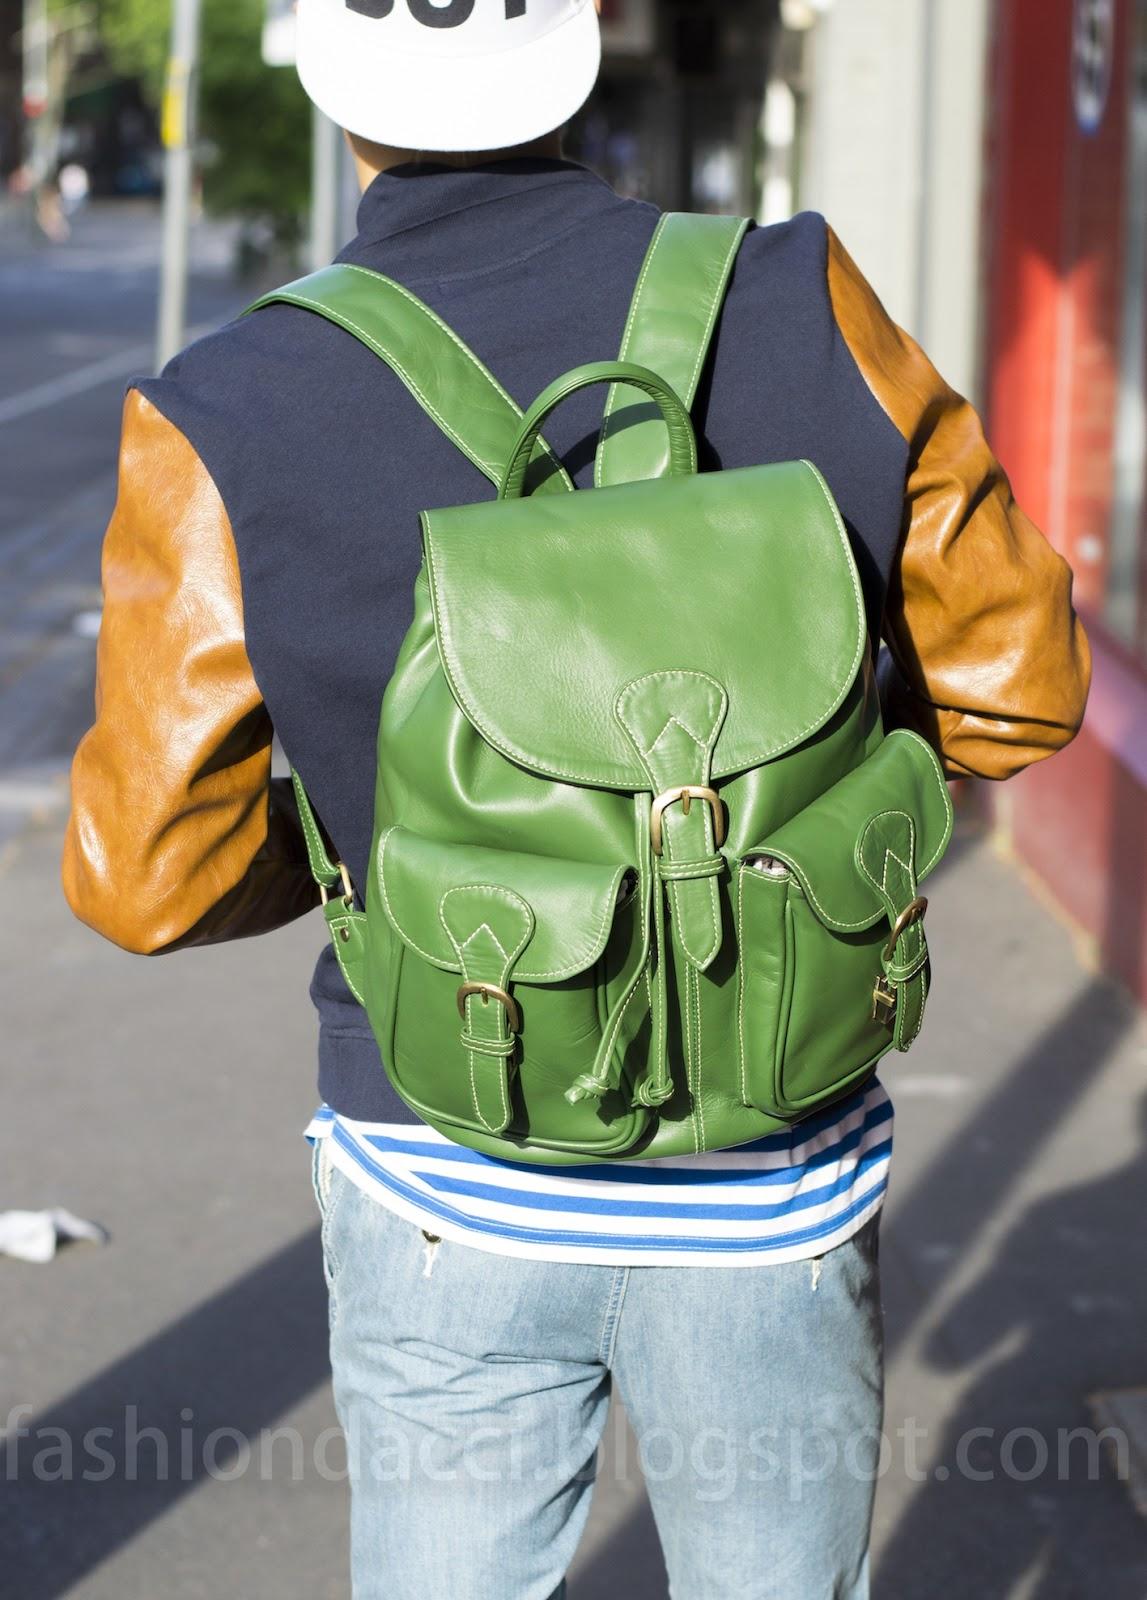 http://3.bp.blogspot.com/-UY80KbUfBzE/UKObTc6yYMI/AAAAAAAADhQ/JrrOaqIxu2I/s1600/blog+backpack+green+from+behind%E5%89%AF%E6%9C%AC.jpg